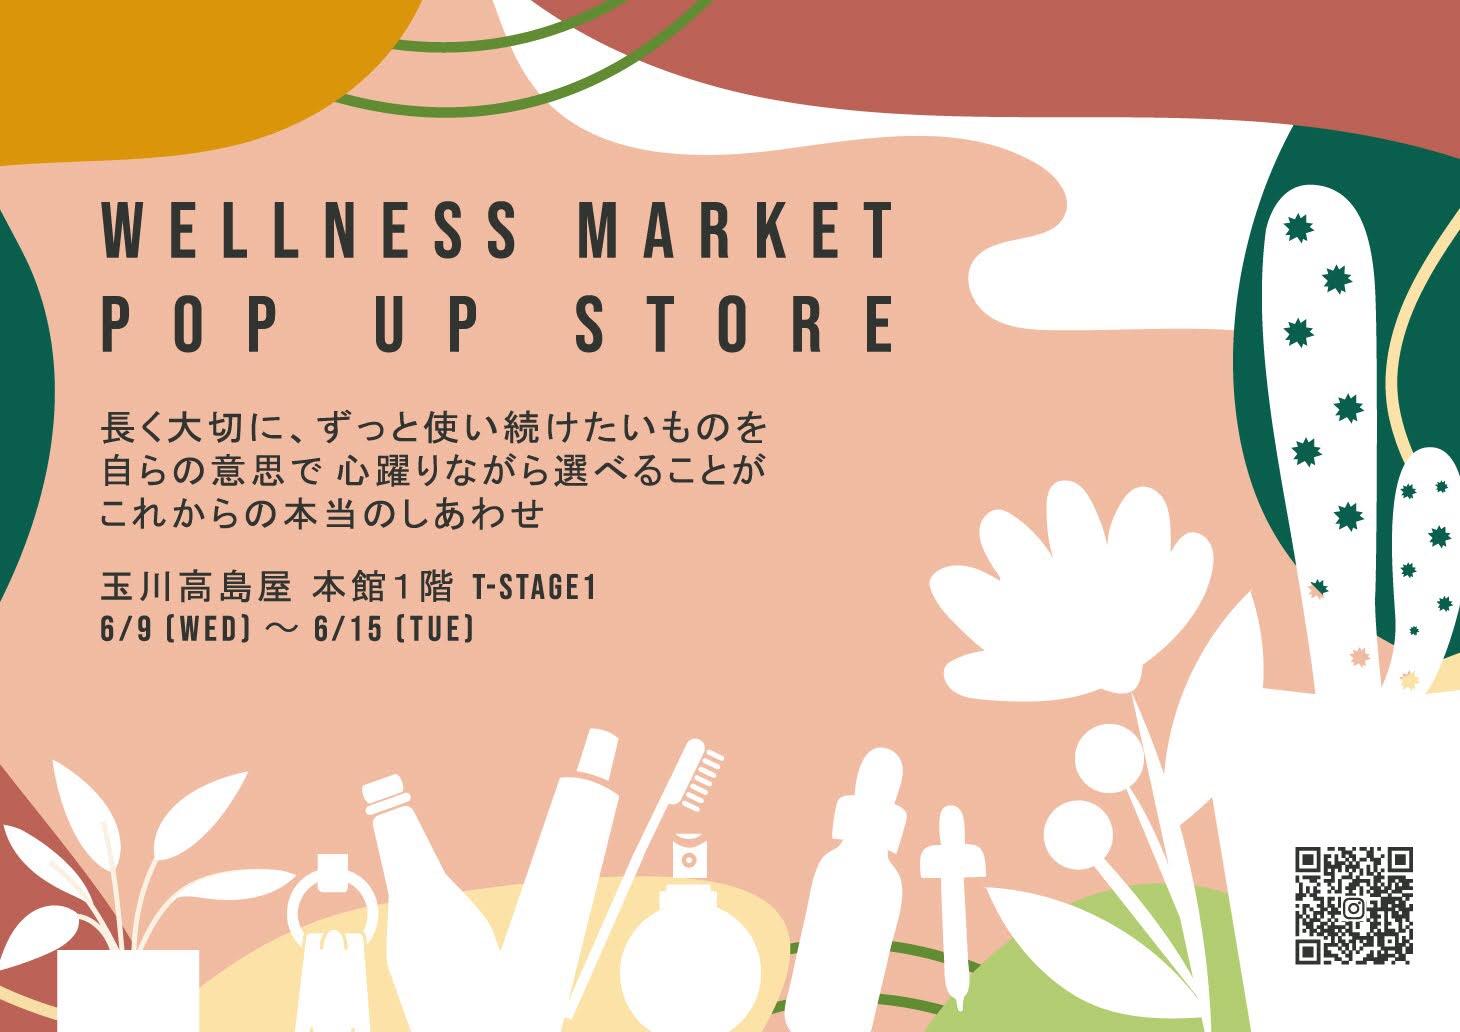 6/9-6/15 玉川高島屋 本館1FにてPOP UP STOREがオープン!